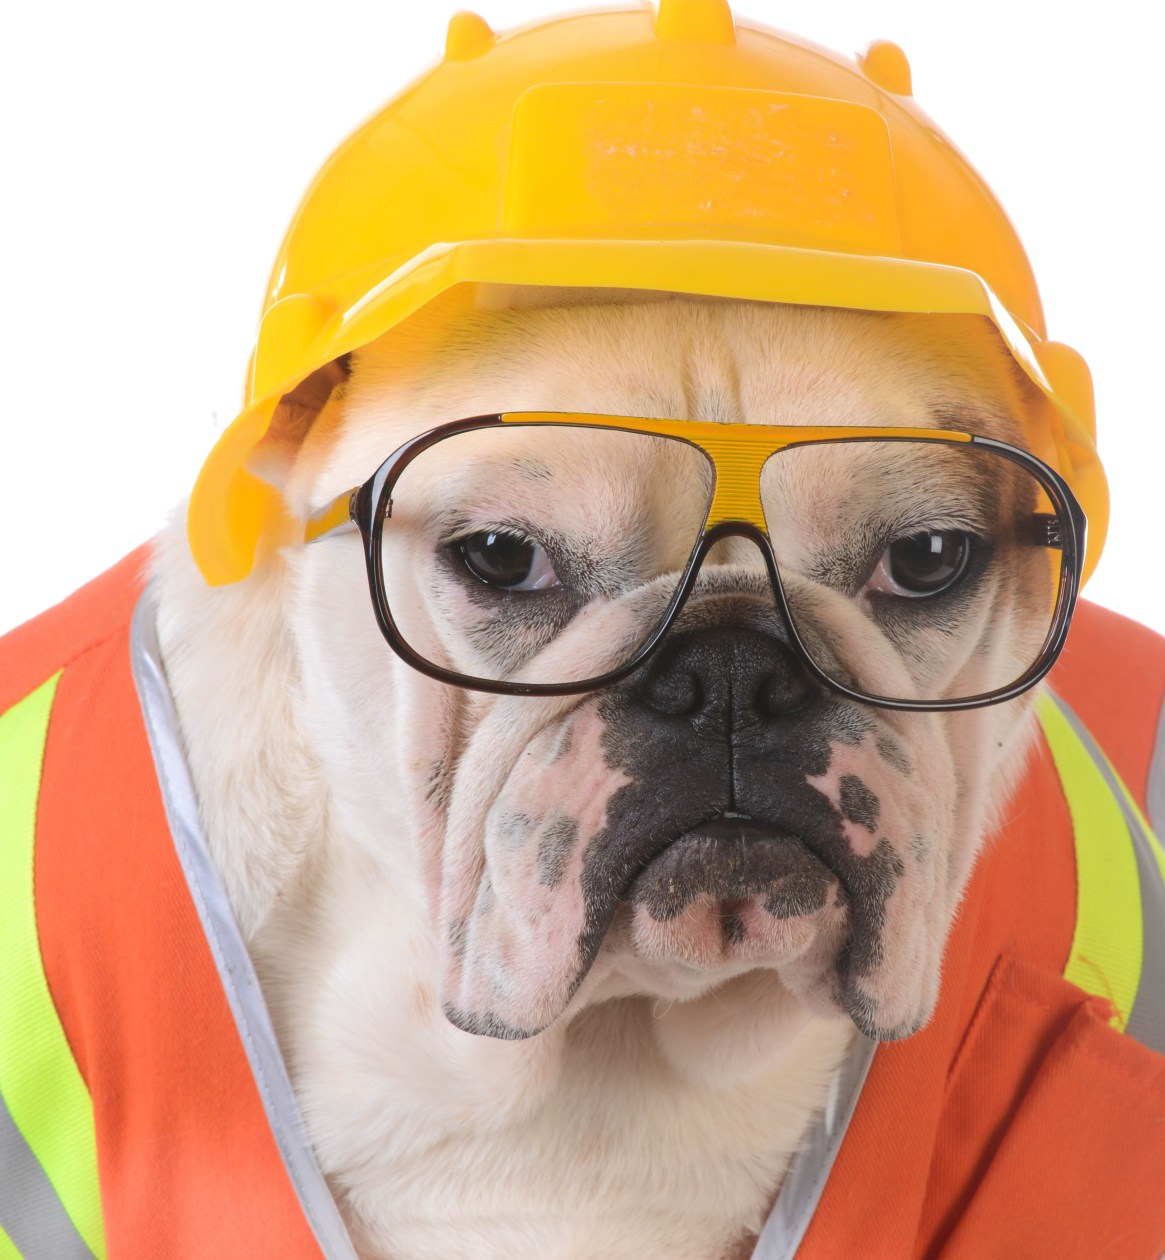 OSHA Safety Officer